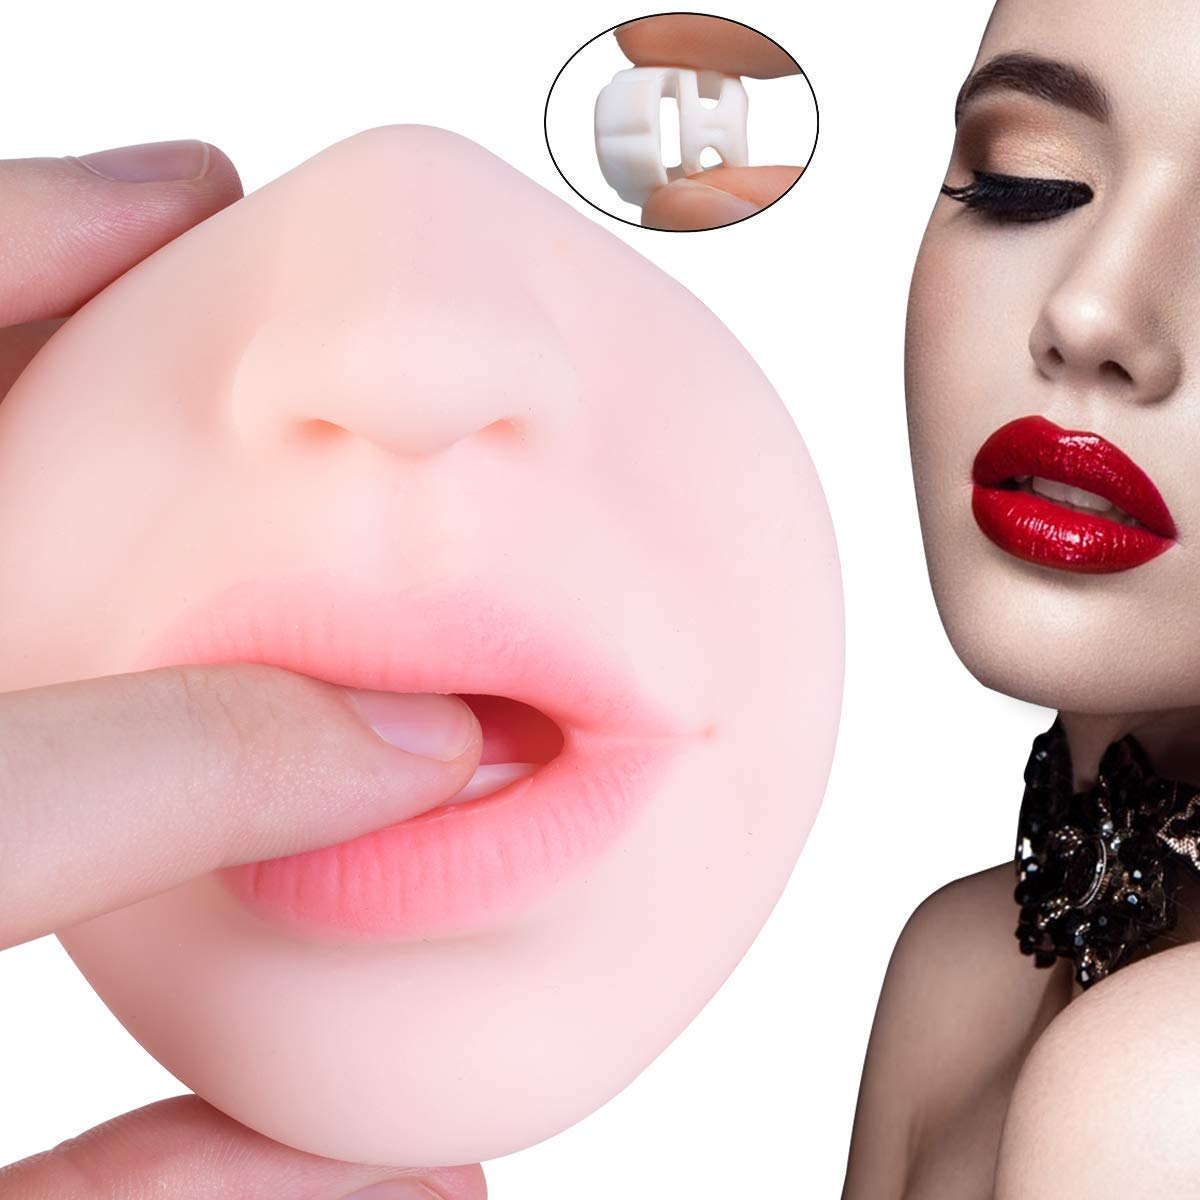 Zemalia Masturbatoren Sexspielzeug für Männer 2 in 1 Masturbator mit Realistischer Vagina und Mund, eingebauter Penisring